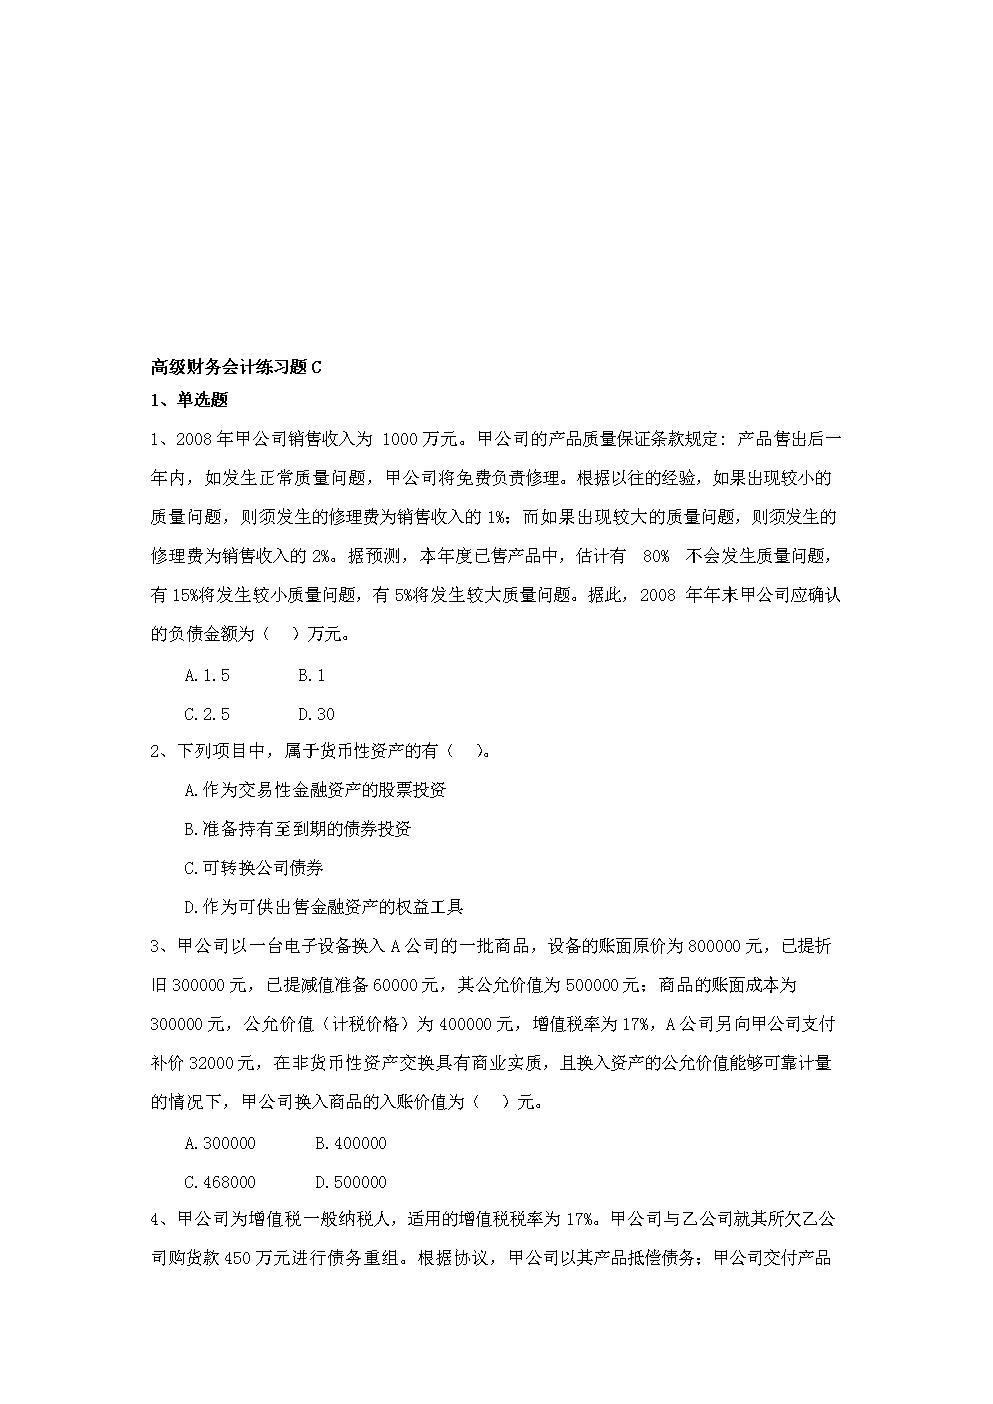 高级财务会计练习题C.doc